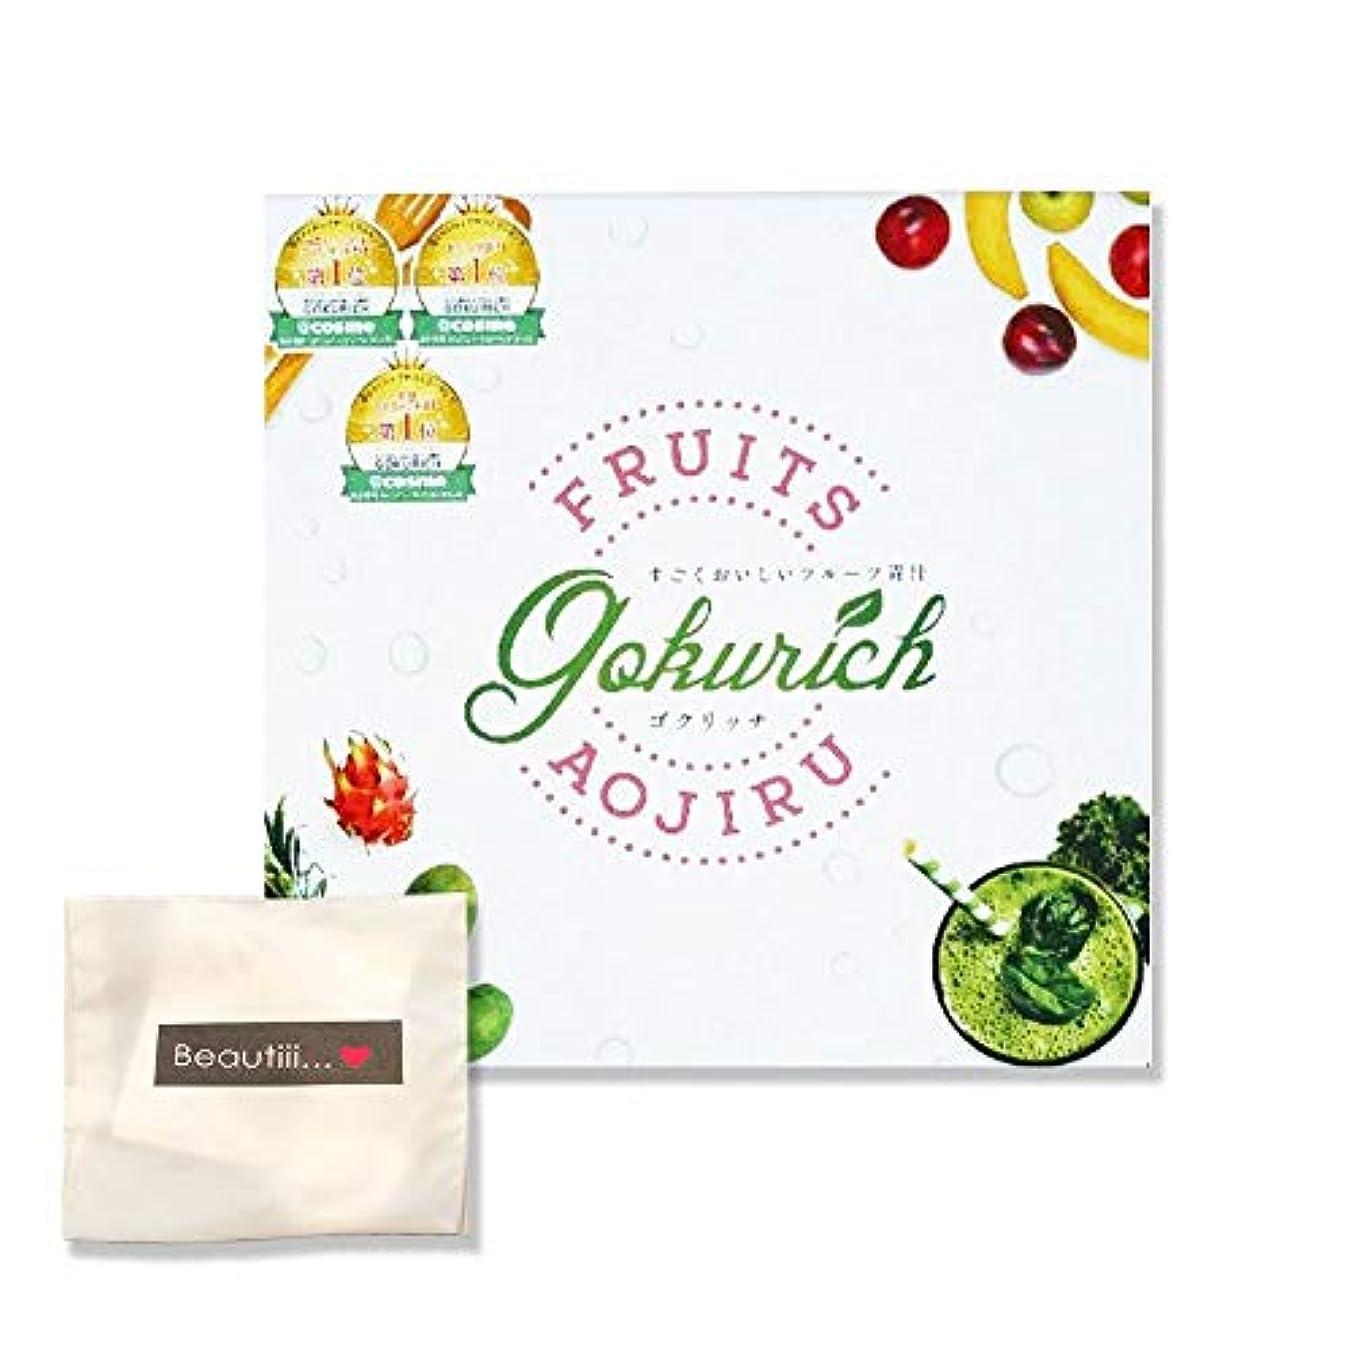 一口ダイエット膨らませるGOKURICH ゴクリッチ 30包 【Beautiiiセット付属】本気で美body目指す方へ!